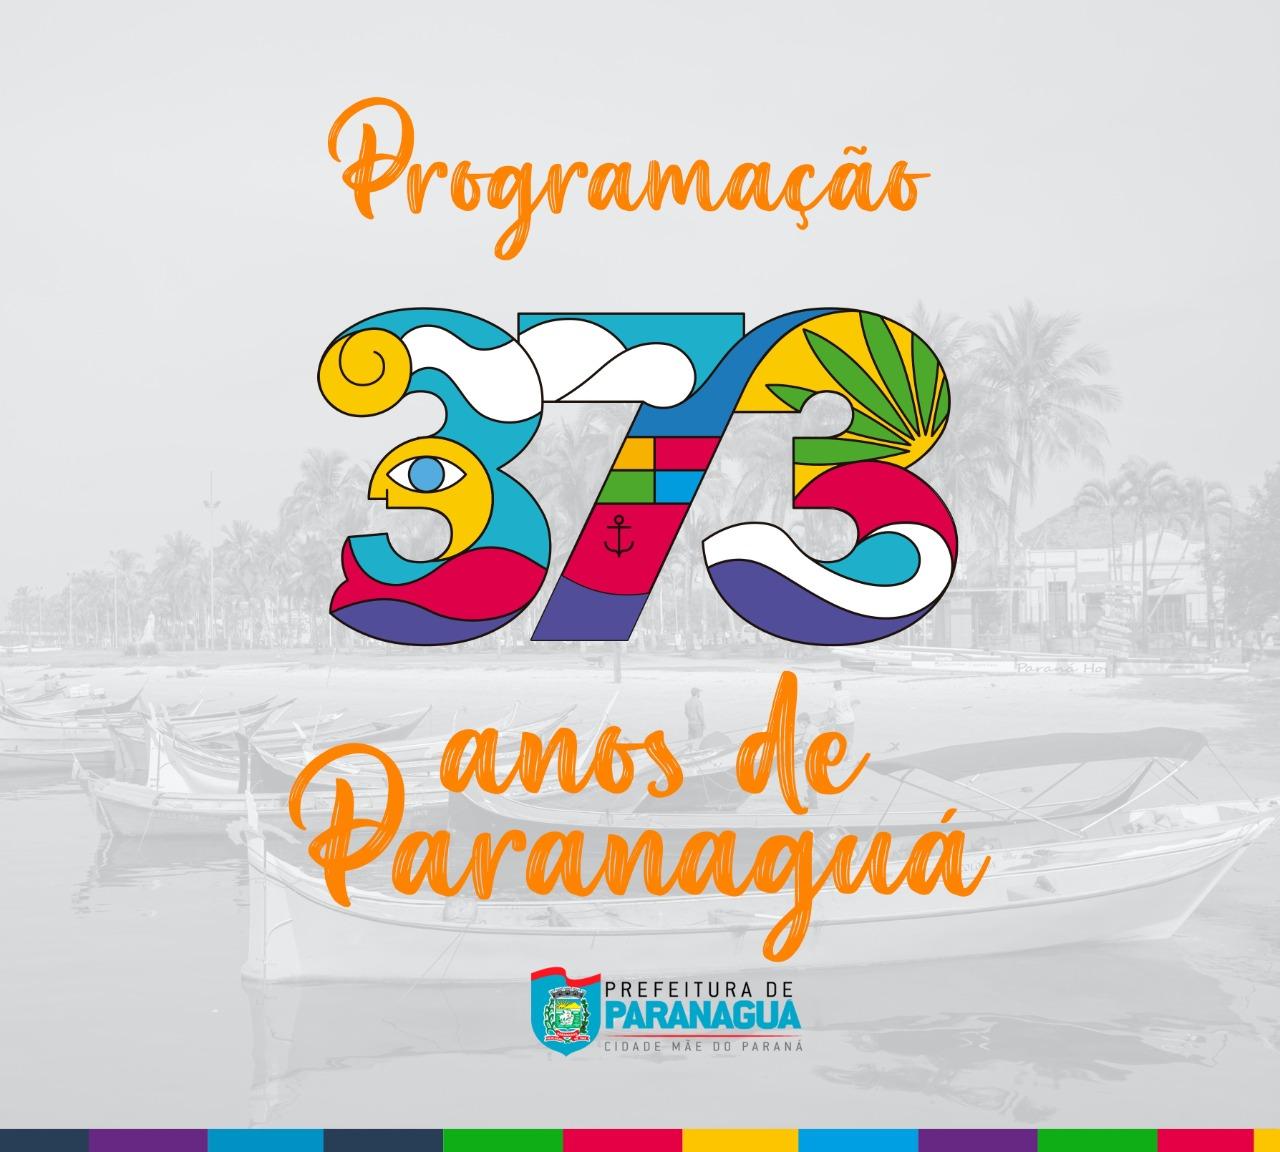 Paranaguá 373 anos: confira a programação de aniversário divulgada pela Prefeitura